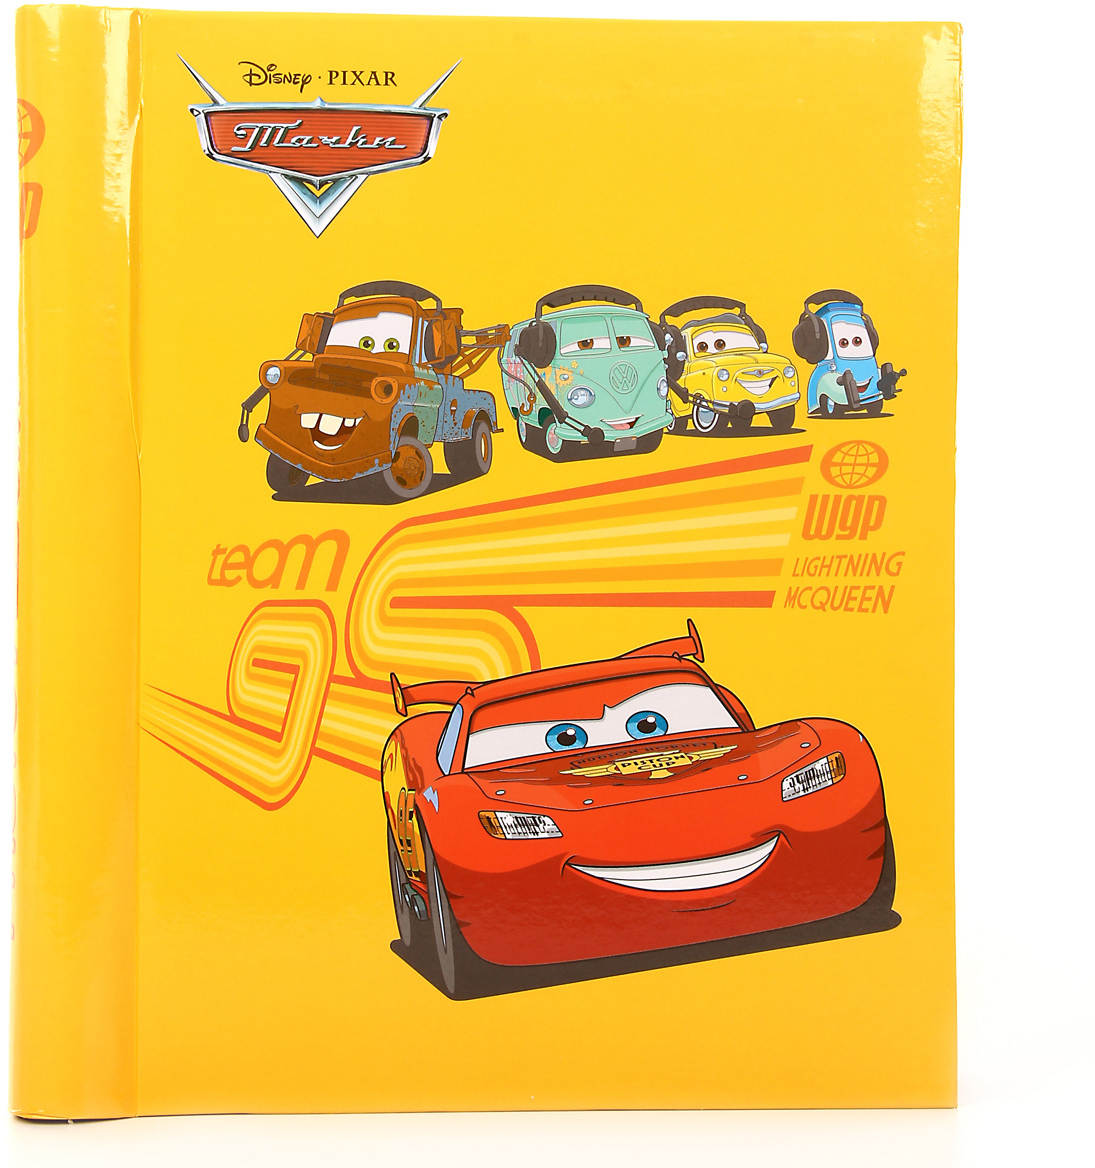 Фотоальбом Pioneer Cars 2, цвет: желтый, 100 фото, 10 х 15 см47347 LM-SA20Альбом для фотографий.Кол-во листов: 20.Материалы, использованные в изготовлении альбома, обеспечивают высокое качество хранения Ваших фотографий, поэтому фотографии не желтеют со временем.Конечно, никаких магнитов в этих альбомах нет. Есть страницы из плотной бумаги или тонкого картона, на этих страницах нанесено клейковатое покрытие и сверху страница закрыта прозрачной плёнкой, которая зафиксирована на внешнем ребре страницы.Фотографии на такой странице держатся за счёт того, что плёнка прилипает (как бы примагничивается) к странице. При этом фотографии не повреждаются, т.к. тыльная сторона не приклеивается к странице.Для того, чтобы разместить фотографии на магнитной странице, надо отлепить плёнку по направлению от корешка альбома к внешней (зафиксированной) стороне страницы, разложить фотографии поверх клейковатого покрытия так, как вам нравится.При этом обязательно надо оставлять по периметру страницы свободное поле, к которому и будет «примагничиваться» прозрачная плёнка.После размещения фоток надо их закрыть плёнкой так, чтобы не было пузырьков воздуха, складок и заломов. Для этого одной рукой надо как бы натягивать плёнку от края страницы к корешку, а другой – прижимать к странице.Если вы видите, что пошла складочка, не расстраивайтесь. Сразу отлепите плёнку и исправьте ситуацию. Не обязательно отклеивать плёнку полностью, если складочка пошла, например, от середины страницы или ближе к корешку.К неоспоримым преимуществам «магнитных» фотоальбомов относятся:- возможность размещать в них фотографии разного размера в нужной вам последовательности;- возможность размещать фотографии с наклоном;